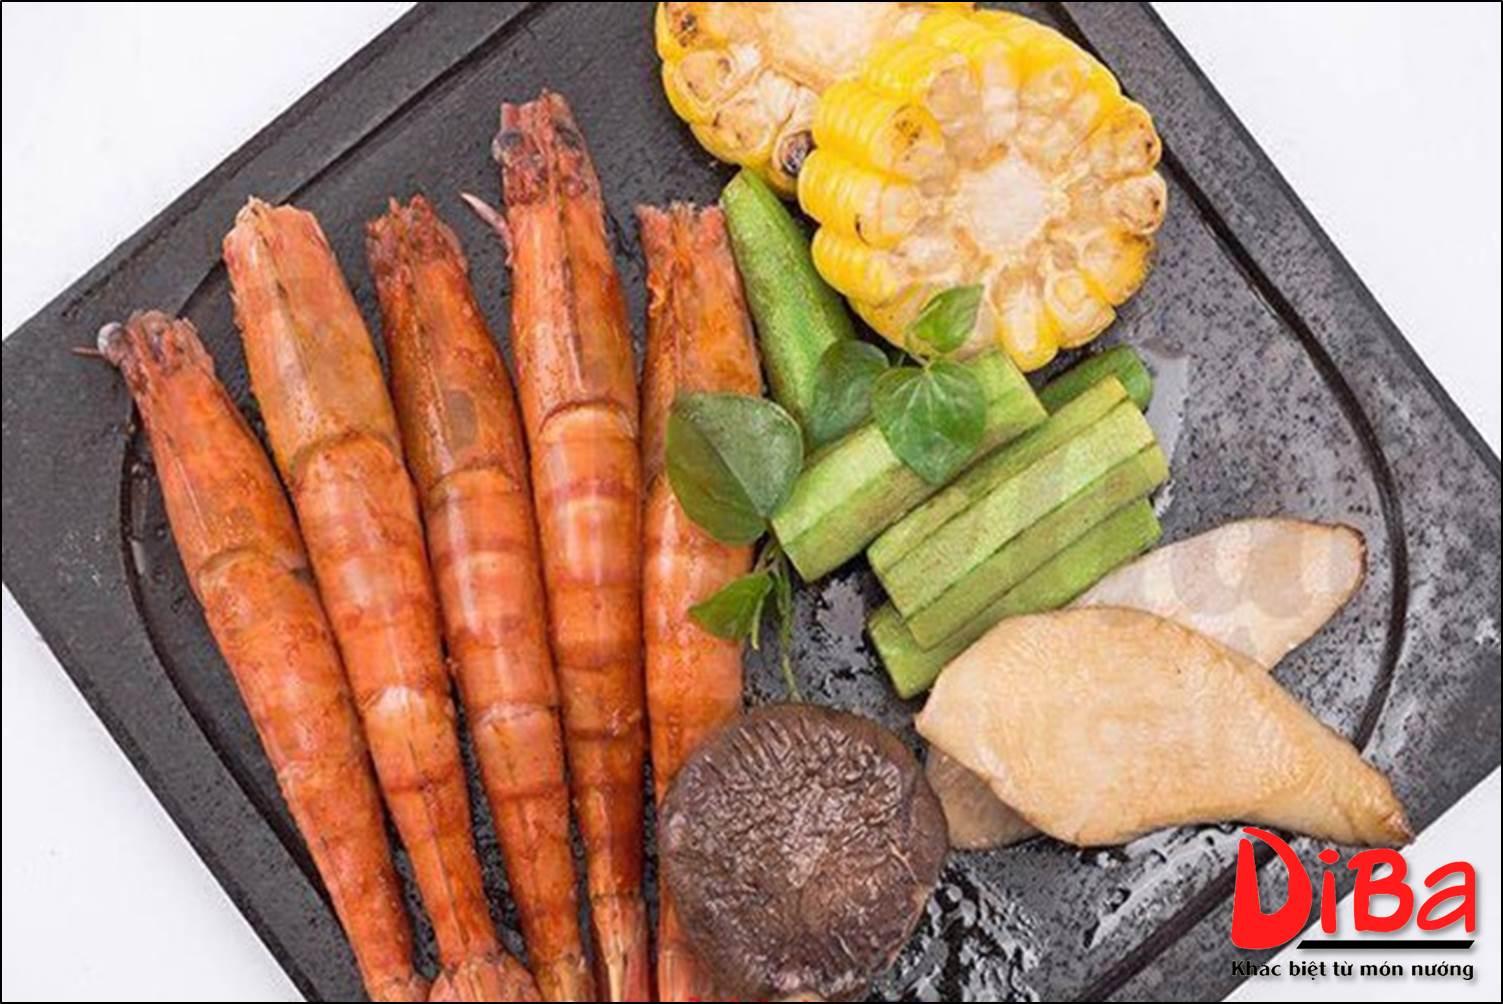 Đá Nướng Núi Lửa - Món quà của tự nhiên xóa tan mọi ưu phiền khi lỡ ghiền ăn đồ nướng.